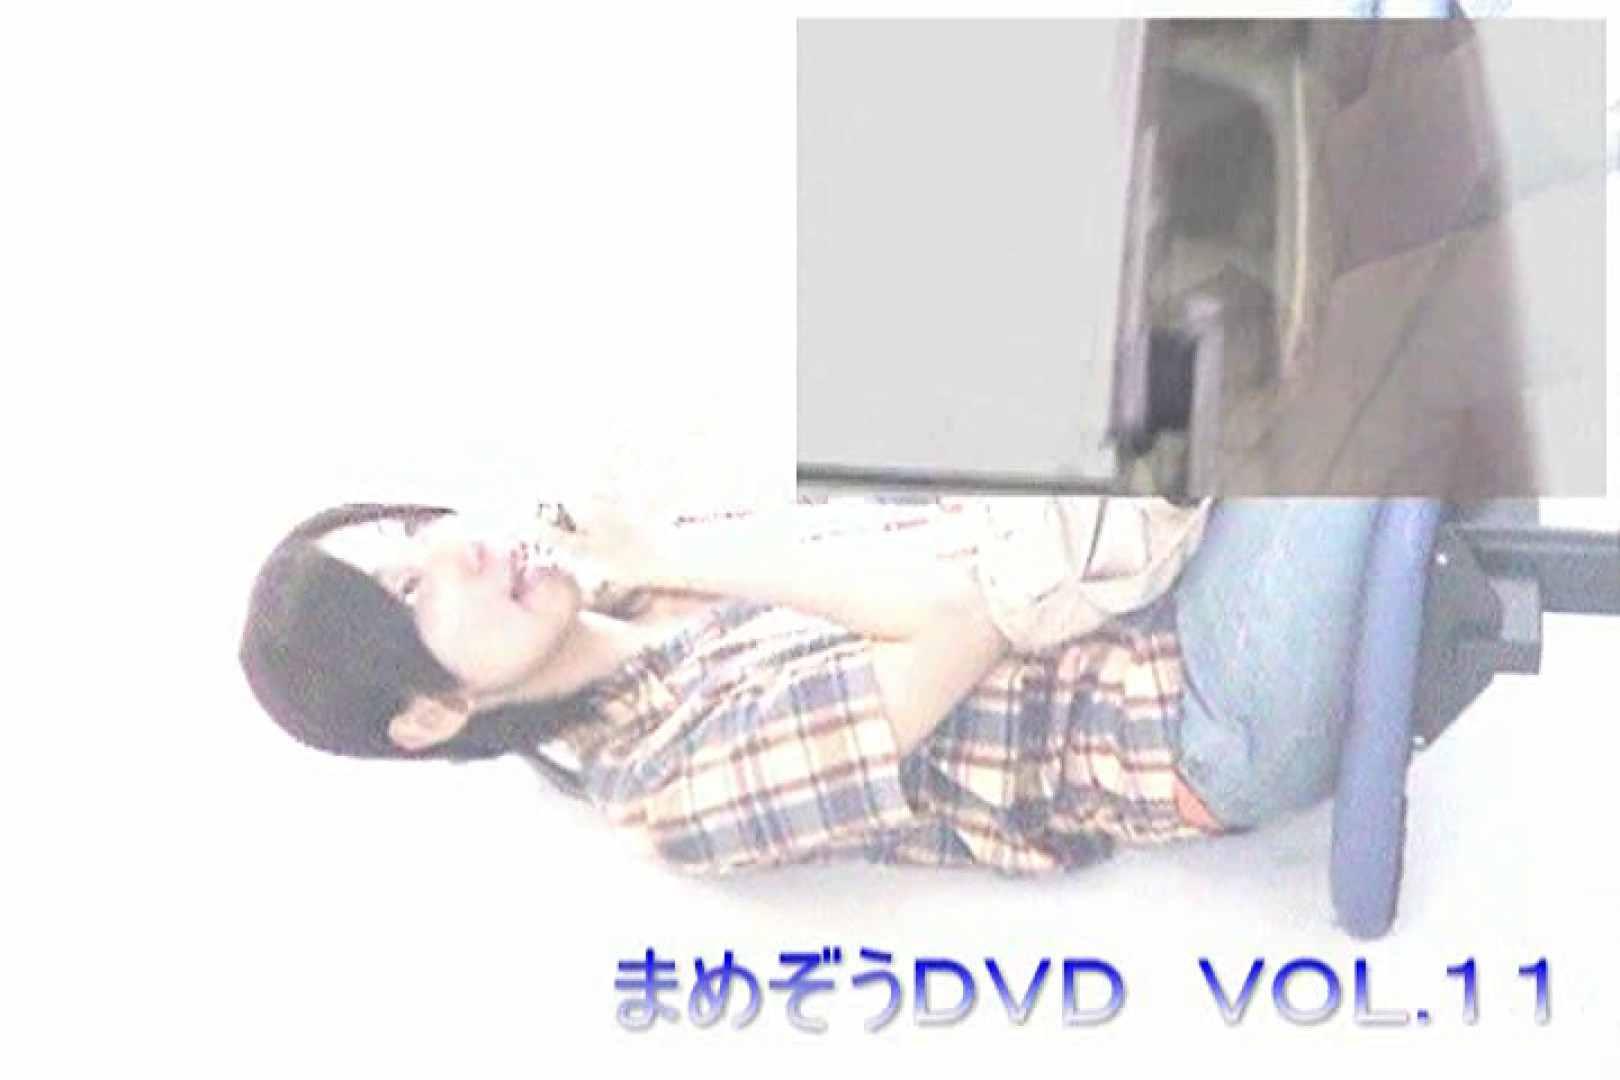 まめぞうDVD完全版VOL.11 ギャル達  111枚 24